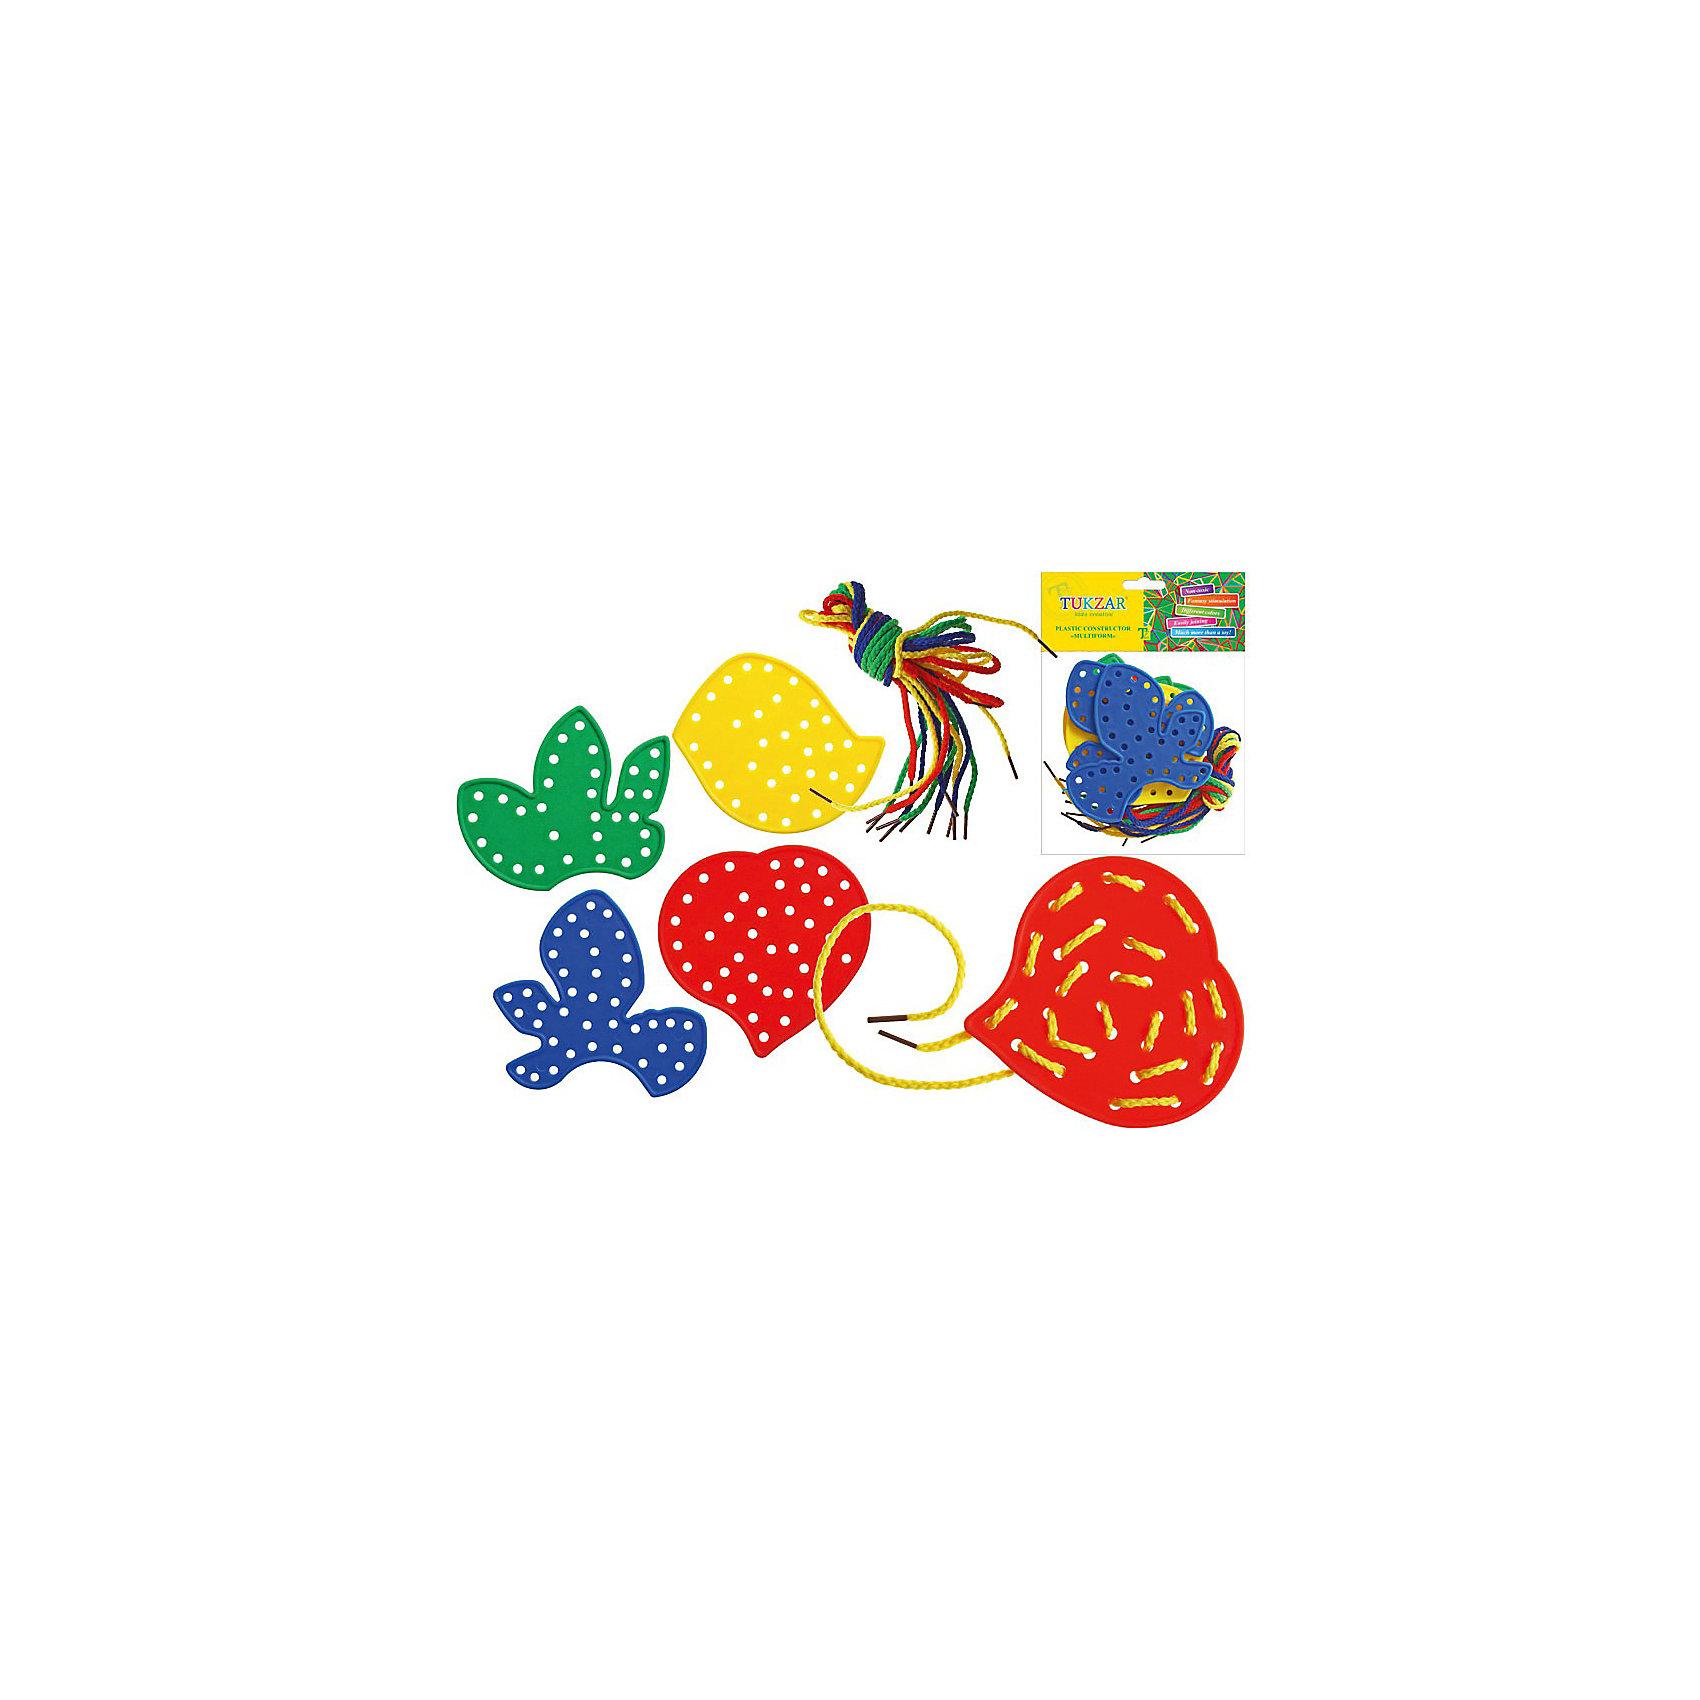 Развивающий набор пластиковых шнуровок Листья (8 шт), ТукзарНабор пластиковых шнуровок Листья, Тукзар - прекрасно развивает мелкую моторику и творческие способности.<br><br>Дополнительная информация:<br><br>- Цвет: красный, желтый, зеленый, синий.<br>- Материал: пластик, полиэстер.<br>- Размер упаковки: 24 х 15,5 х 4 см<br><br>Развивающий набор пластиковых шнуровок Листья (8 шт), Тукзар  можно купить в нашем магазине.<br><br>Ширина мм: 240<br>Глубина мм: 155<br>Высота мм: 40<br>Вес г: 207<br>Возраст от месяцев: 36<br>Возраст до месяцев: 60<br>Пол: Унисекс<br>Возраст: Детский<br>SKU: 3807515